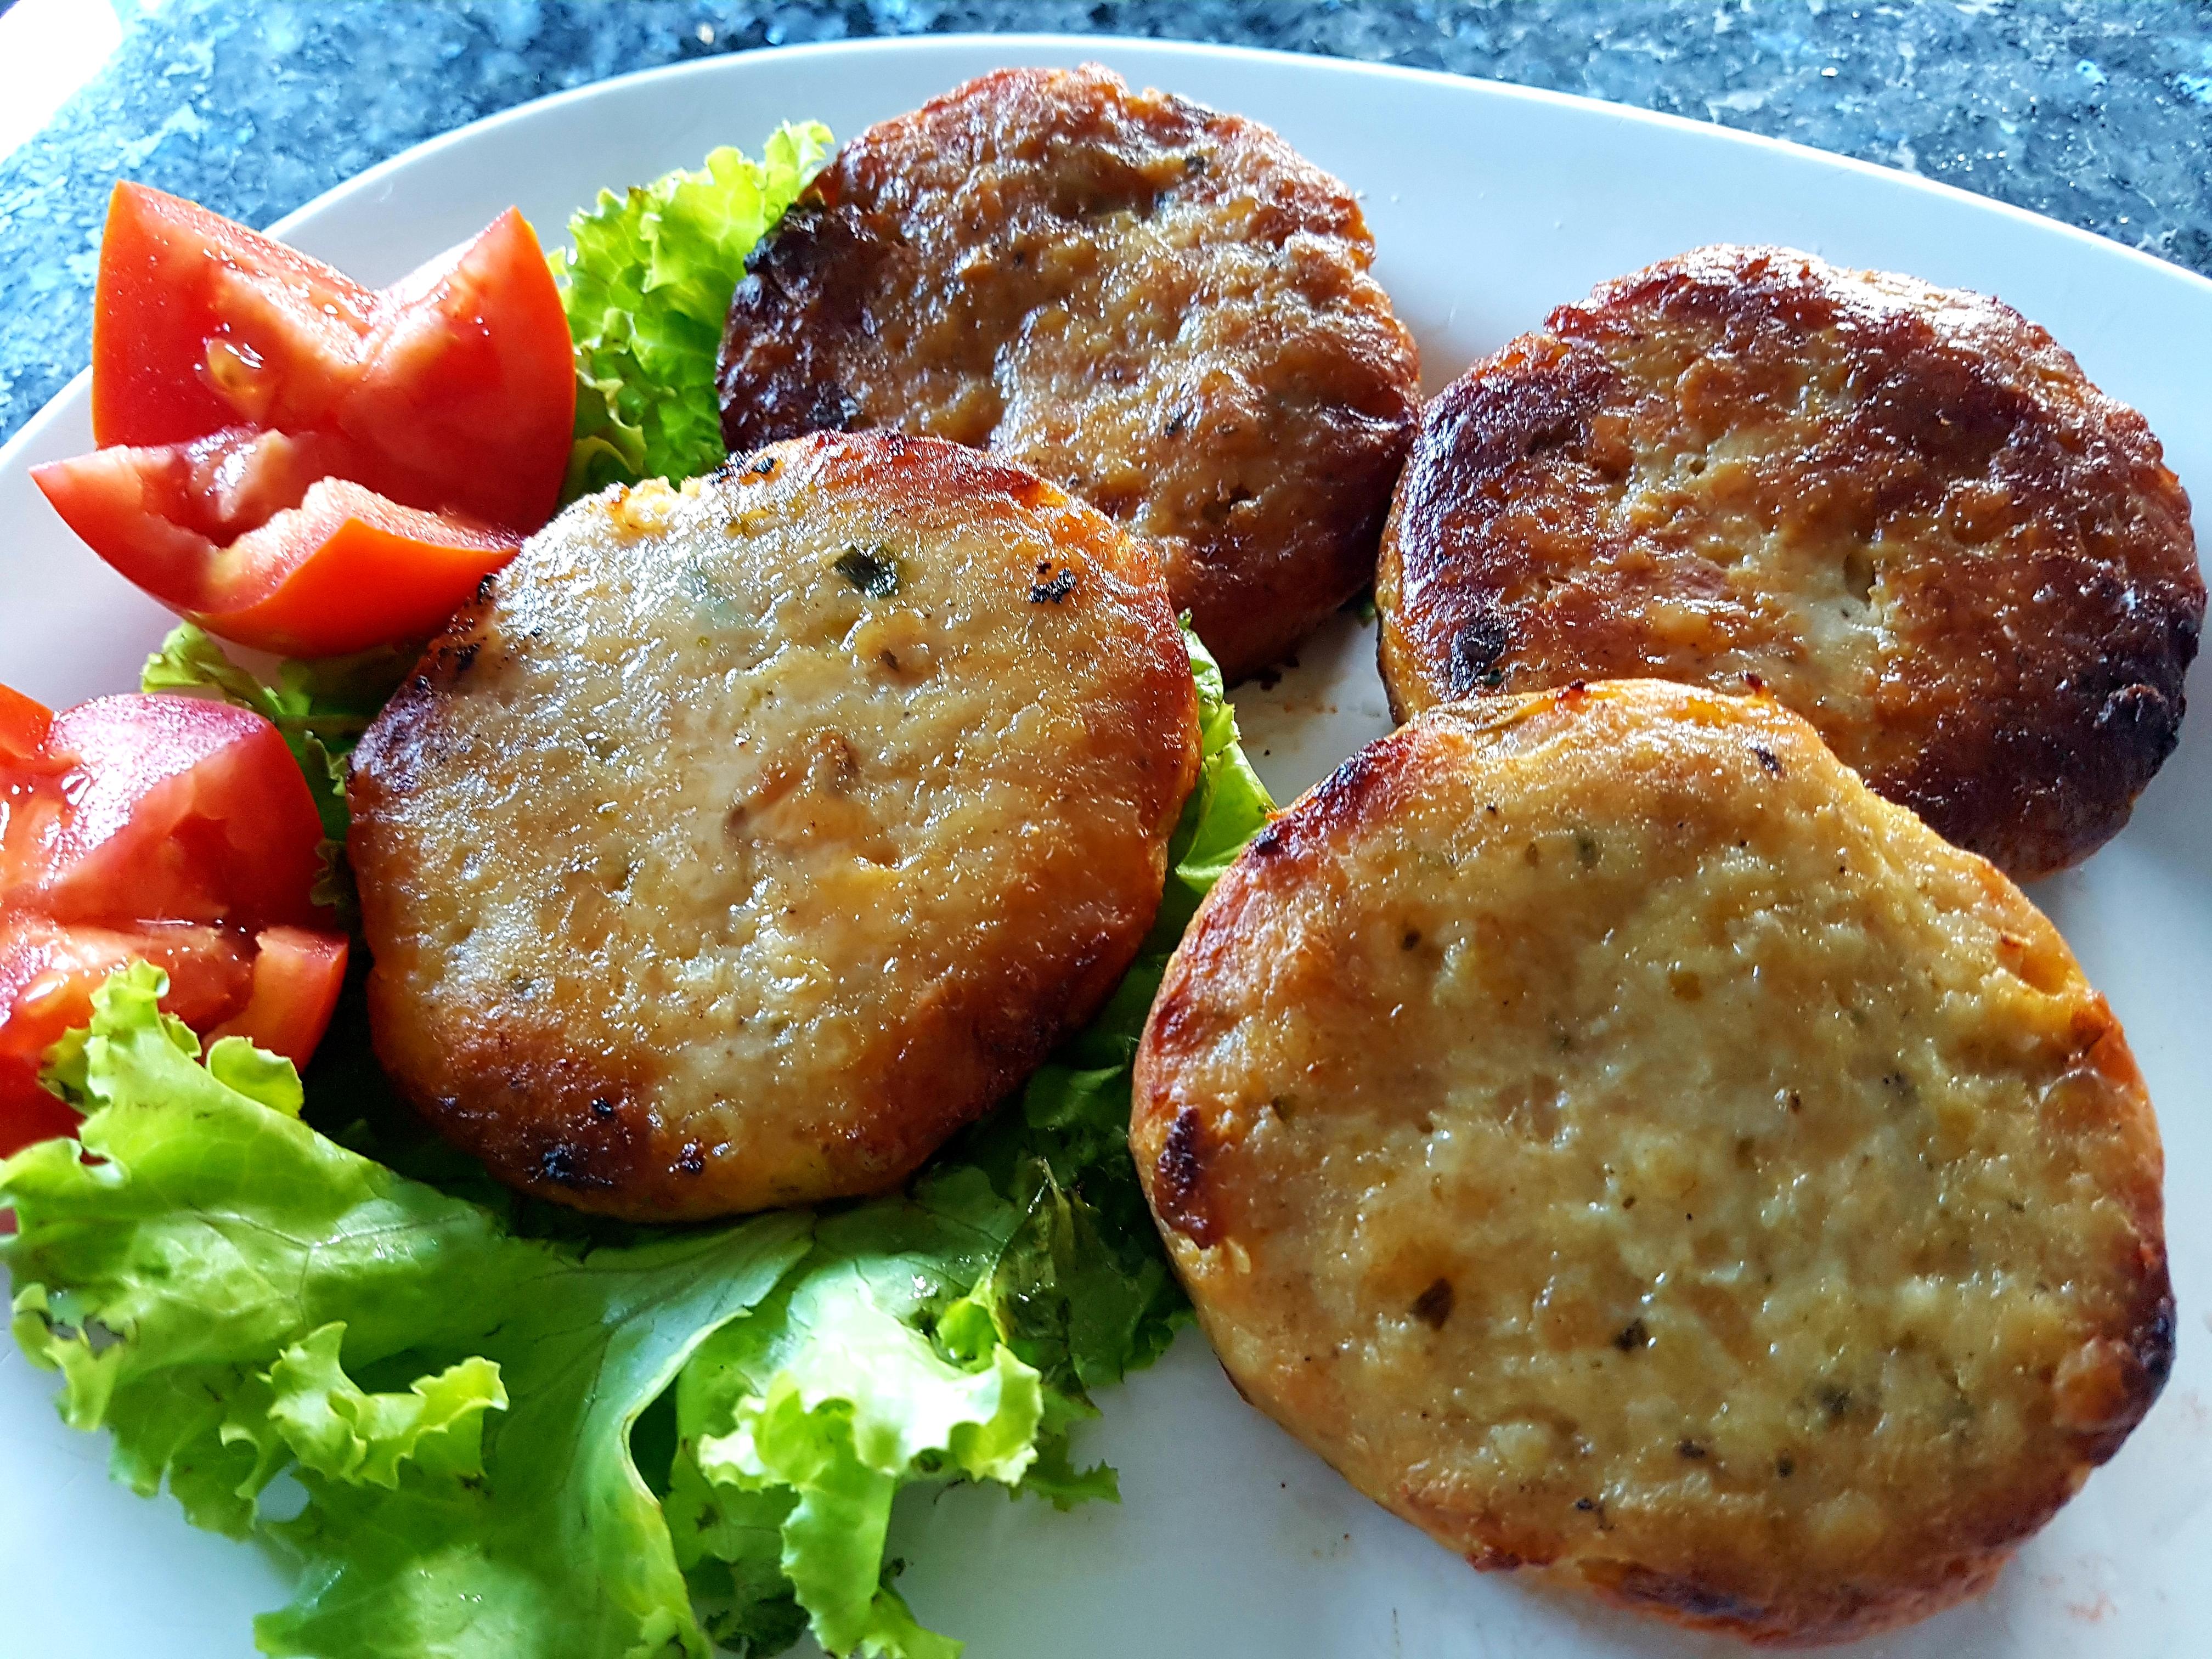 Chicken Burgers 4 per 500g